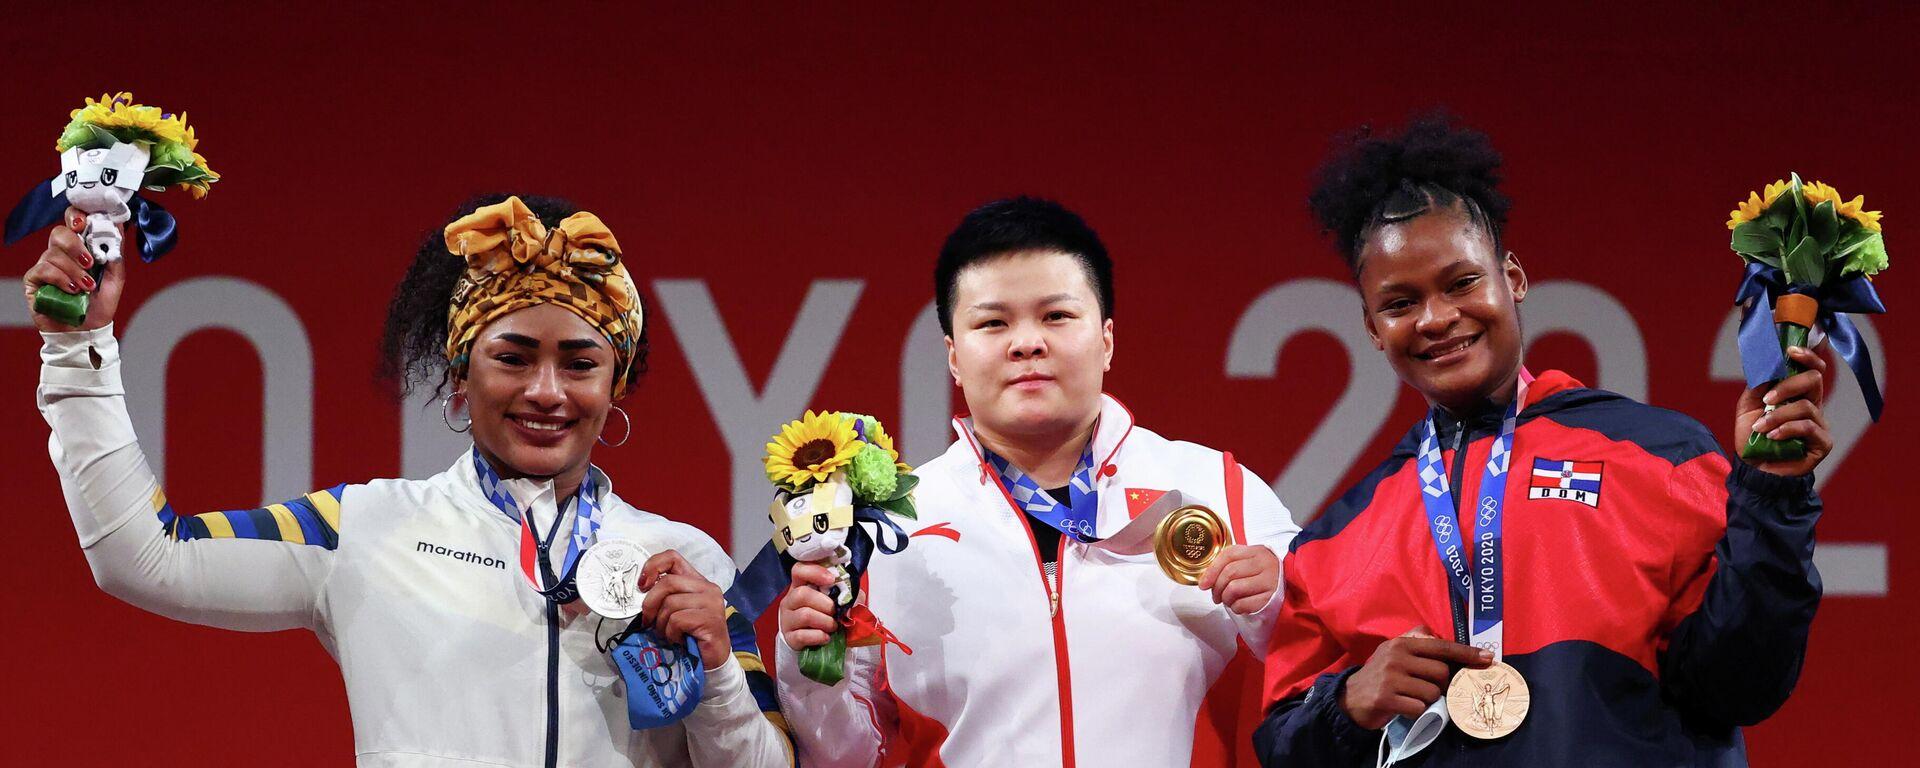 El medallista de oro Wang Zhouyu, de China, la medallista de plata Tamara Salazar, de Ecuador, y la medallista de bronce Crismery Santana, de República Dominicana - Sputnik Mundo, 1920, 02.08.2021